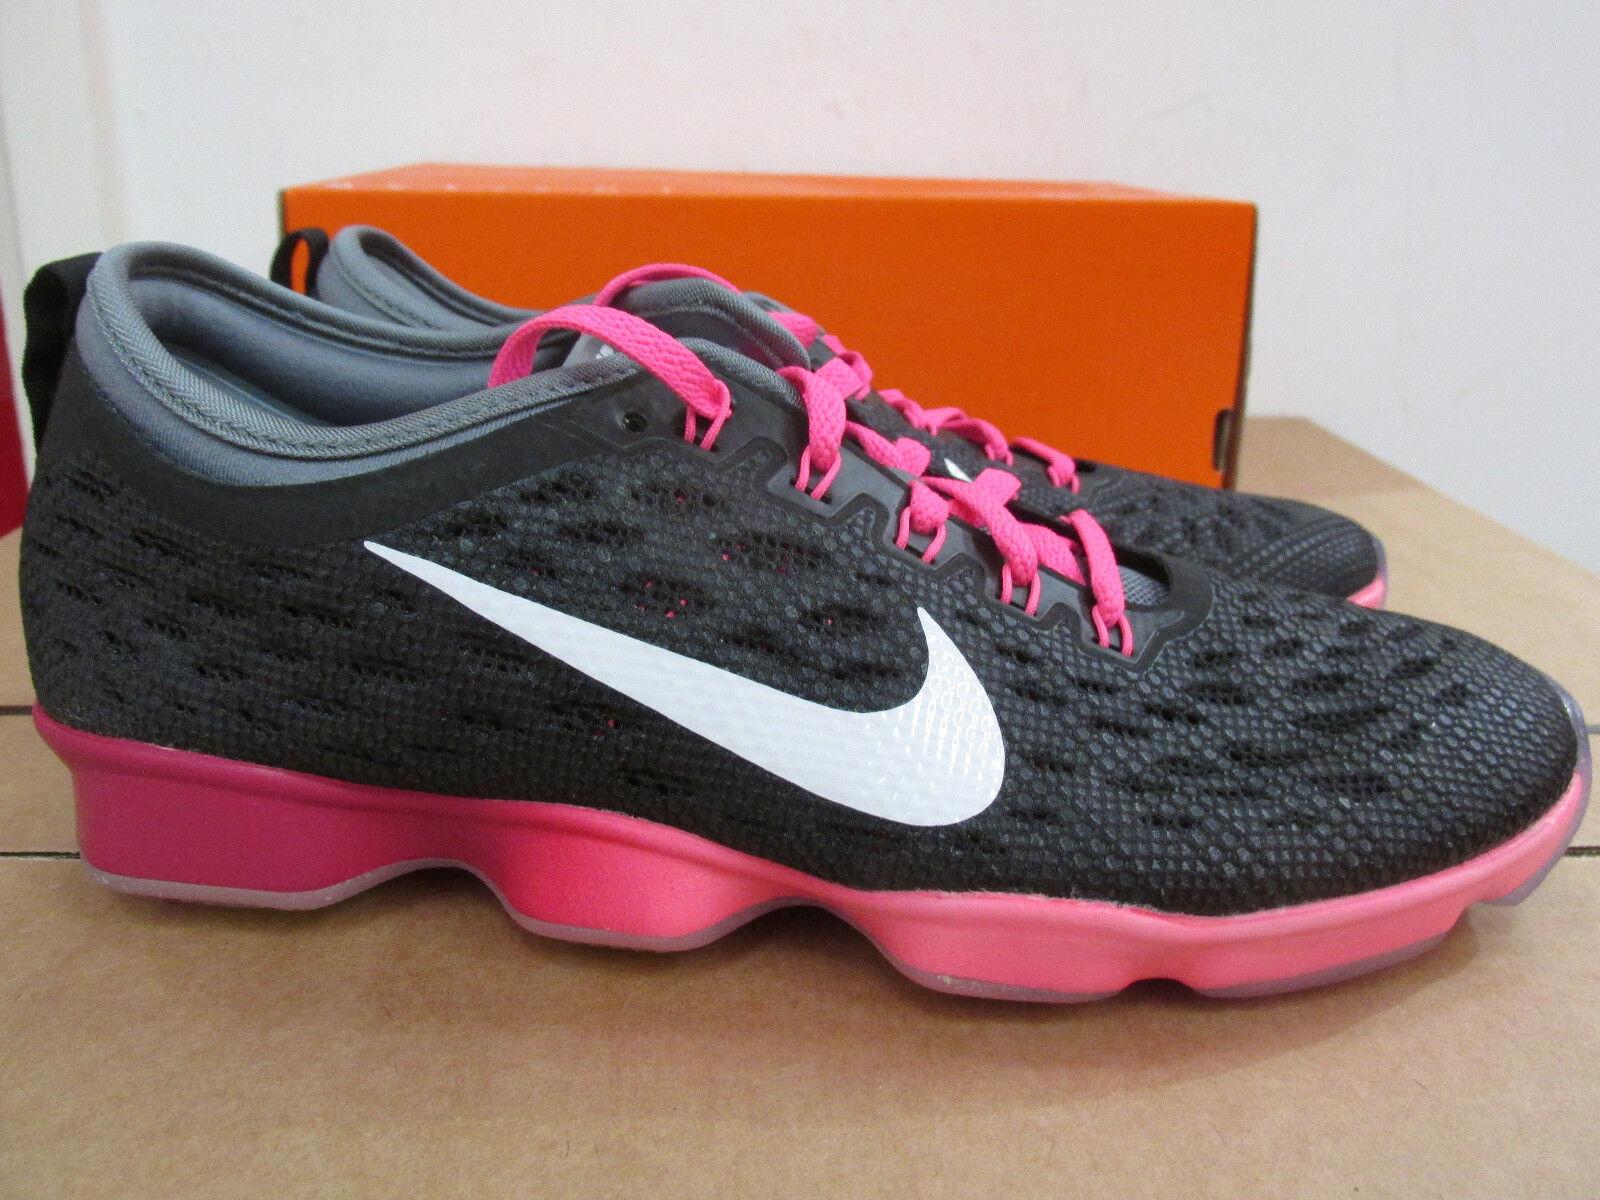 Nike Damen Zoom Passform Beweglichkeit Laufschuhe 684984 006 Turnschuhe Turnschuhe Turnschuhe Räumung  e20dad